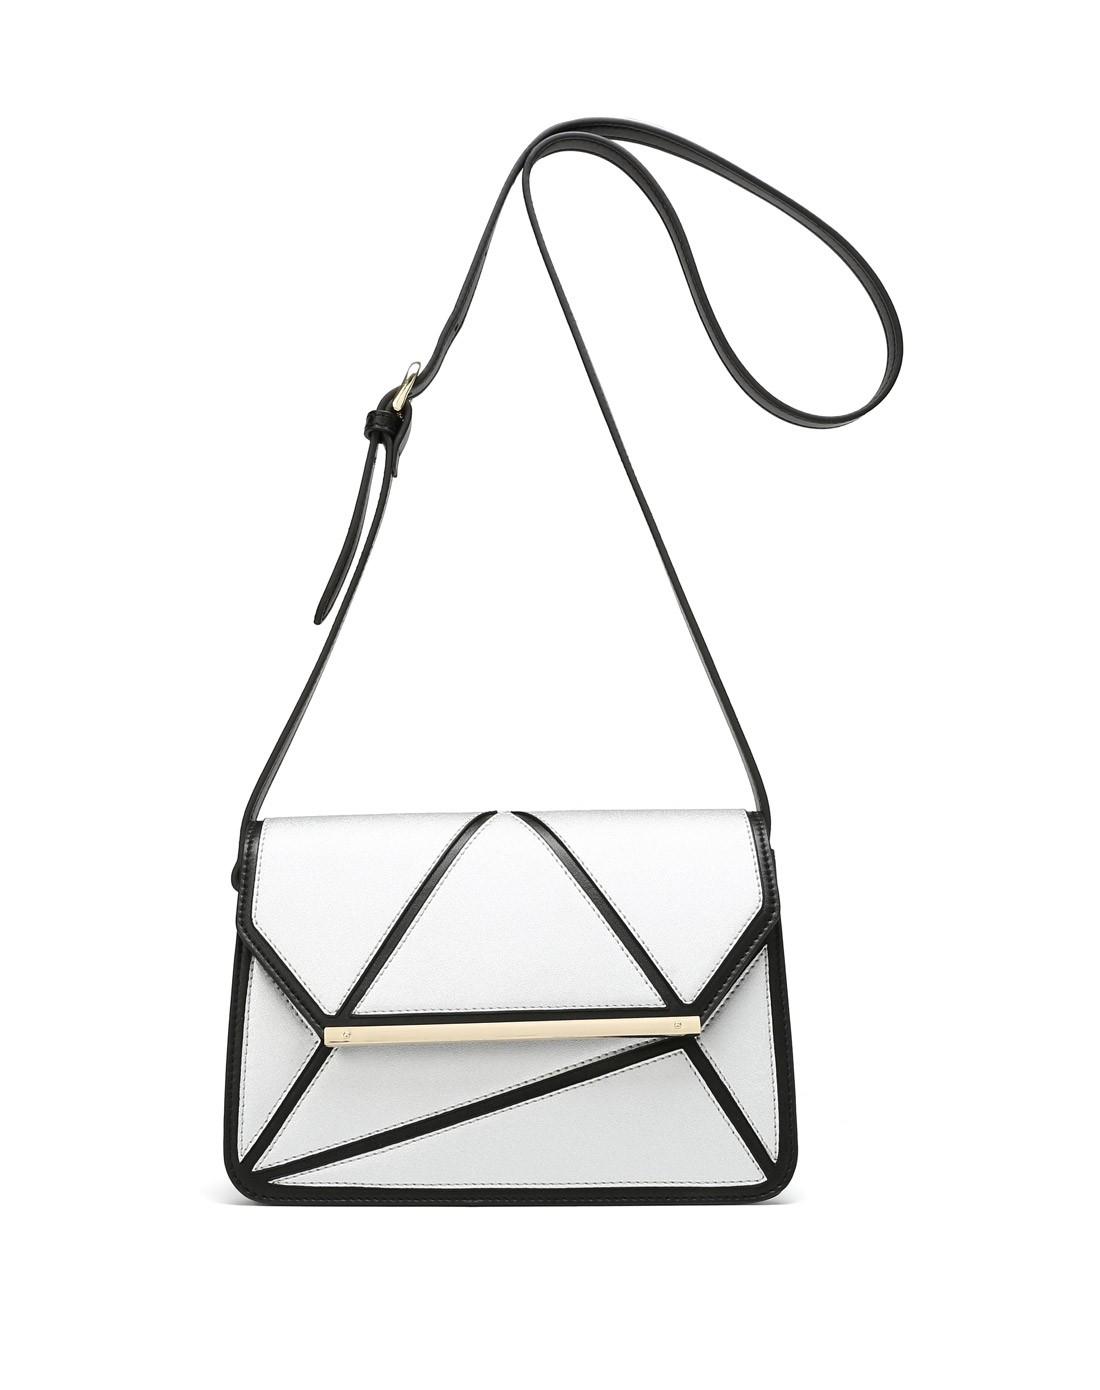 包 包包 简笔画 挎包手袋 女包 手绘 手提包 线稿 1100_1390 竖版 竖-尚